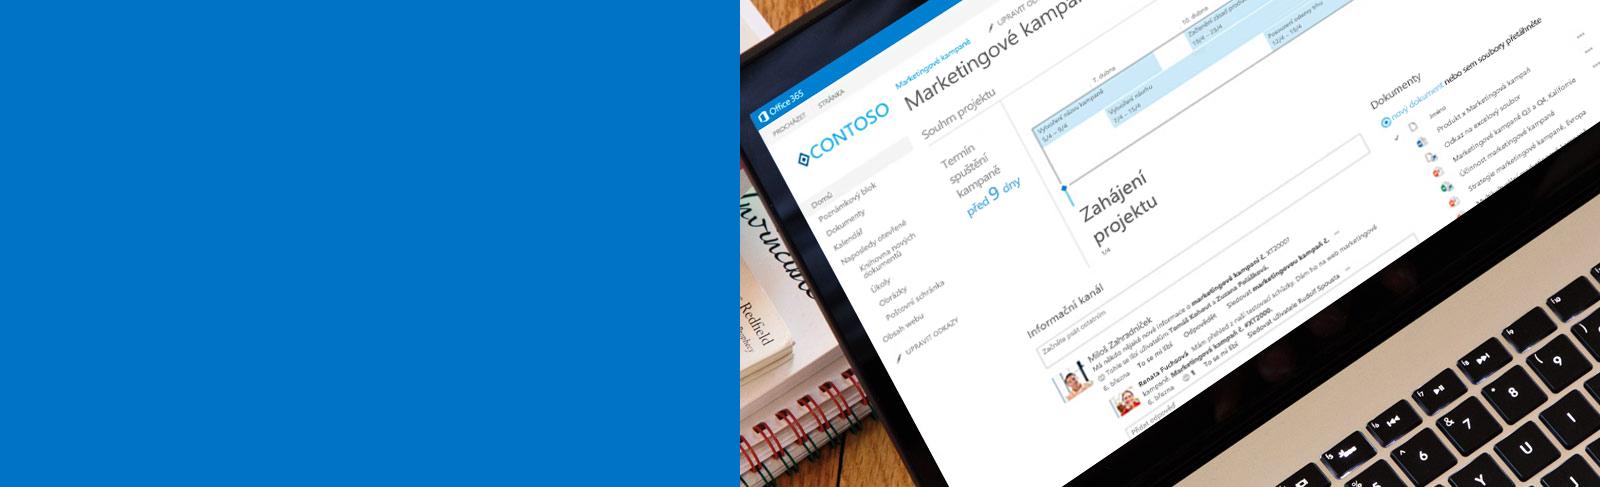 Přenosný počítač s otevřeným dokumentem ze SharePointu